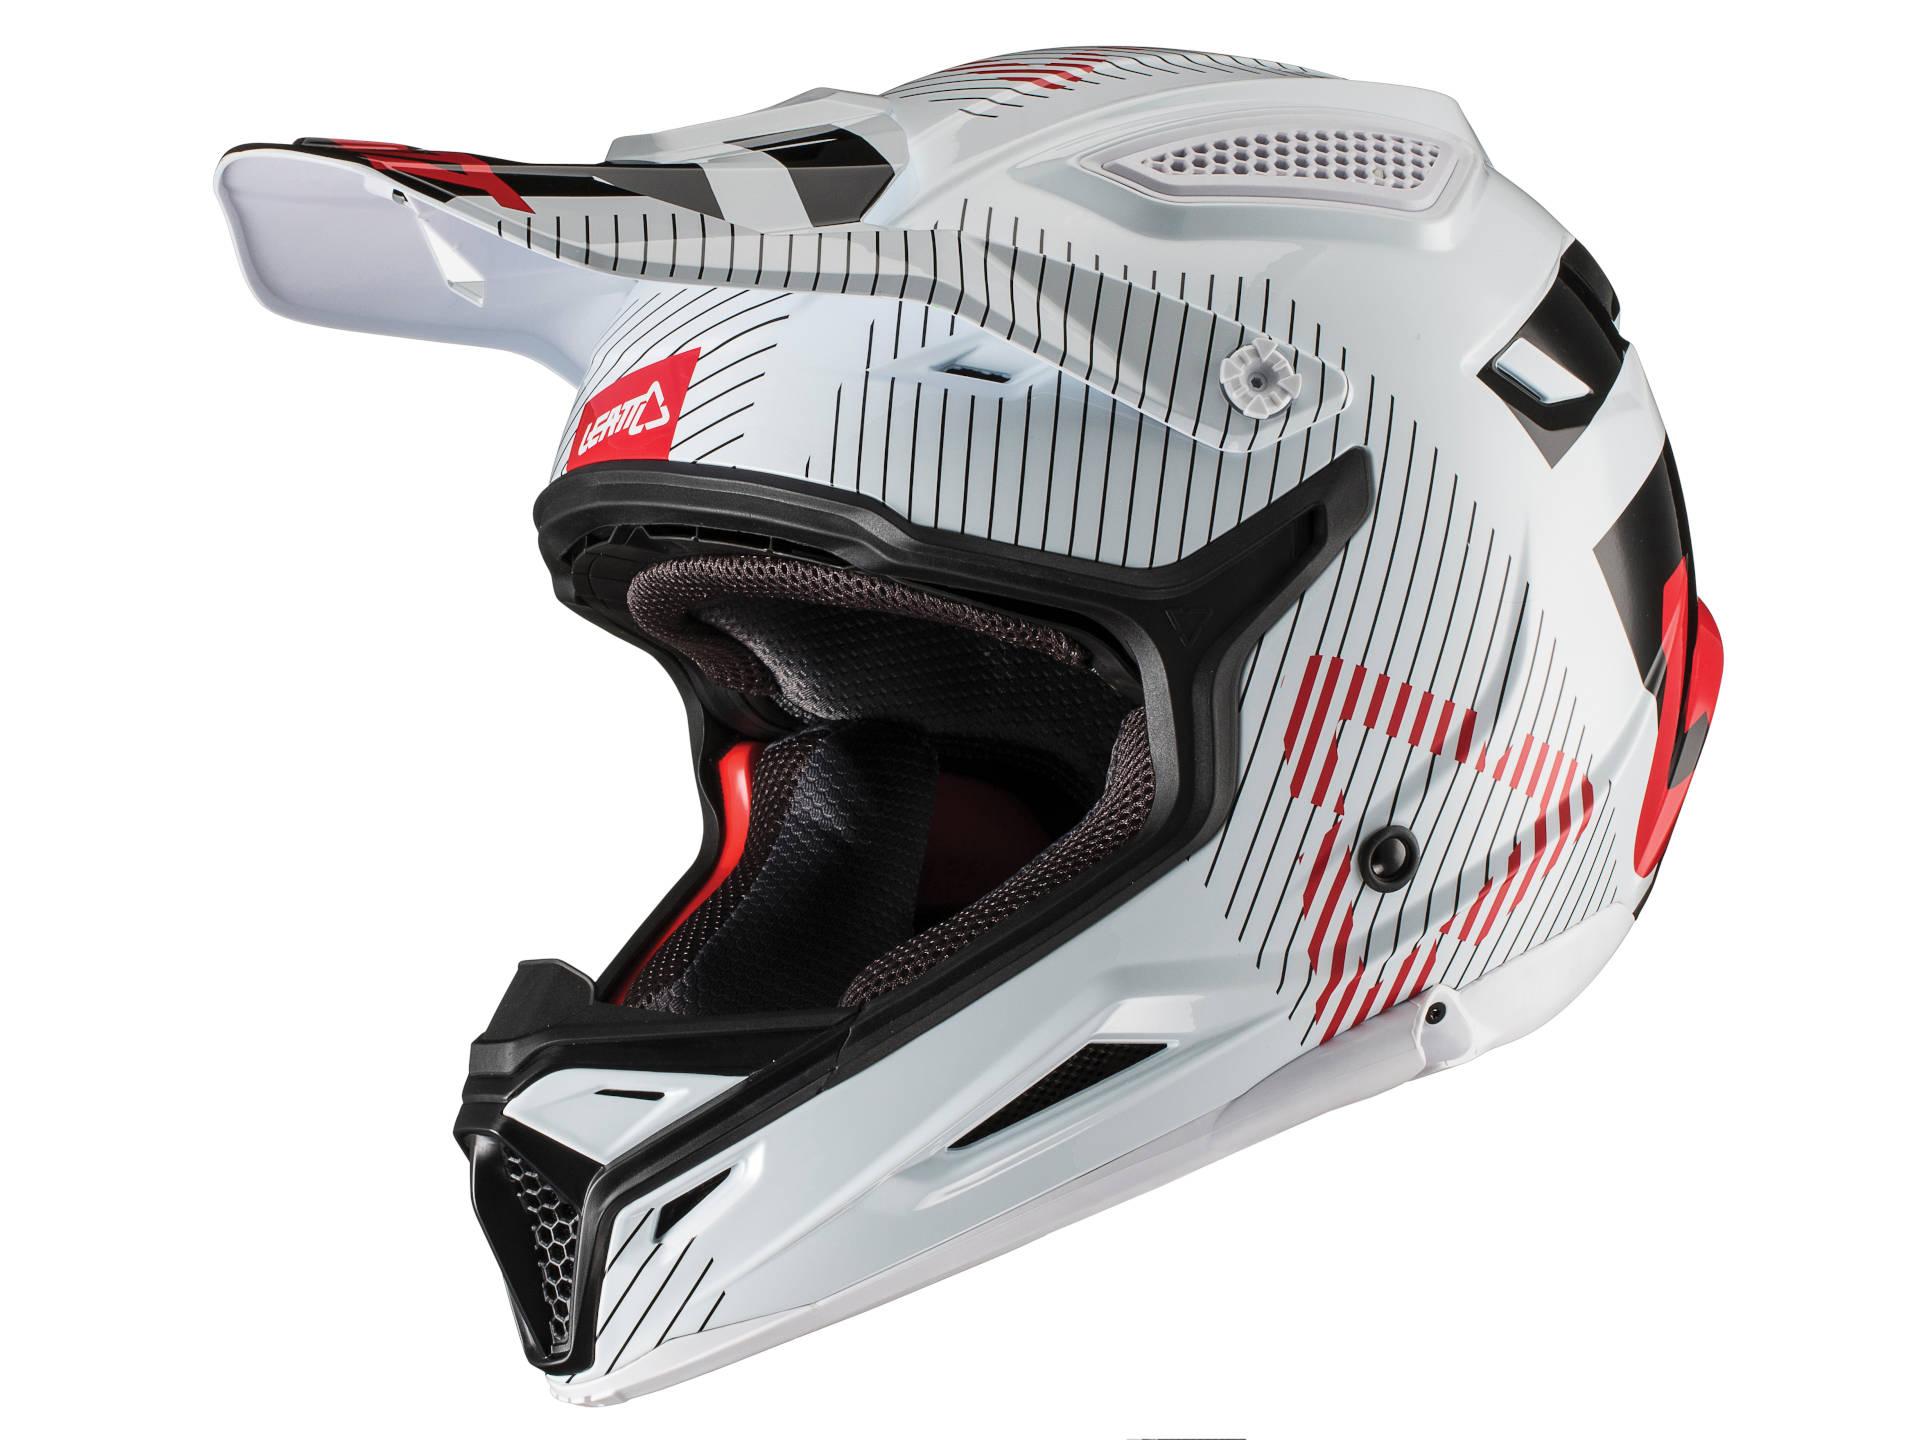 casco leatt gpx 4.5 blanco talle l